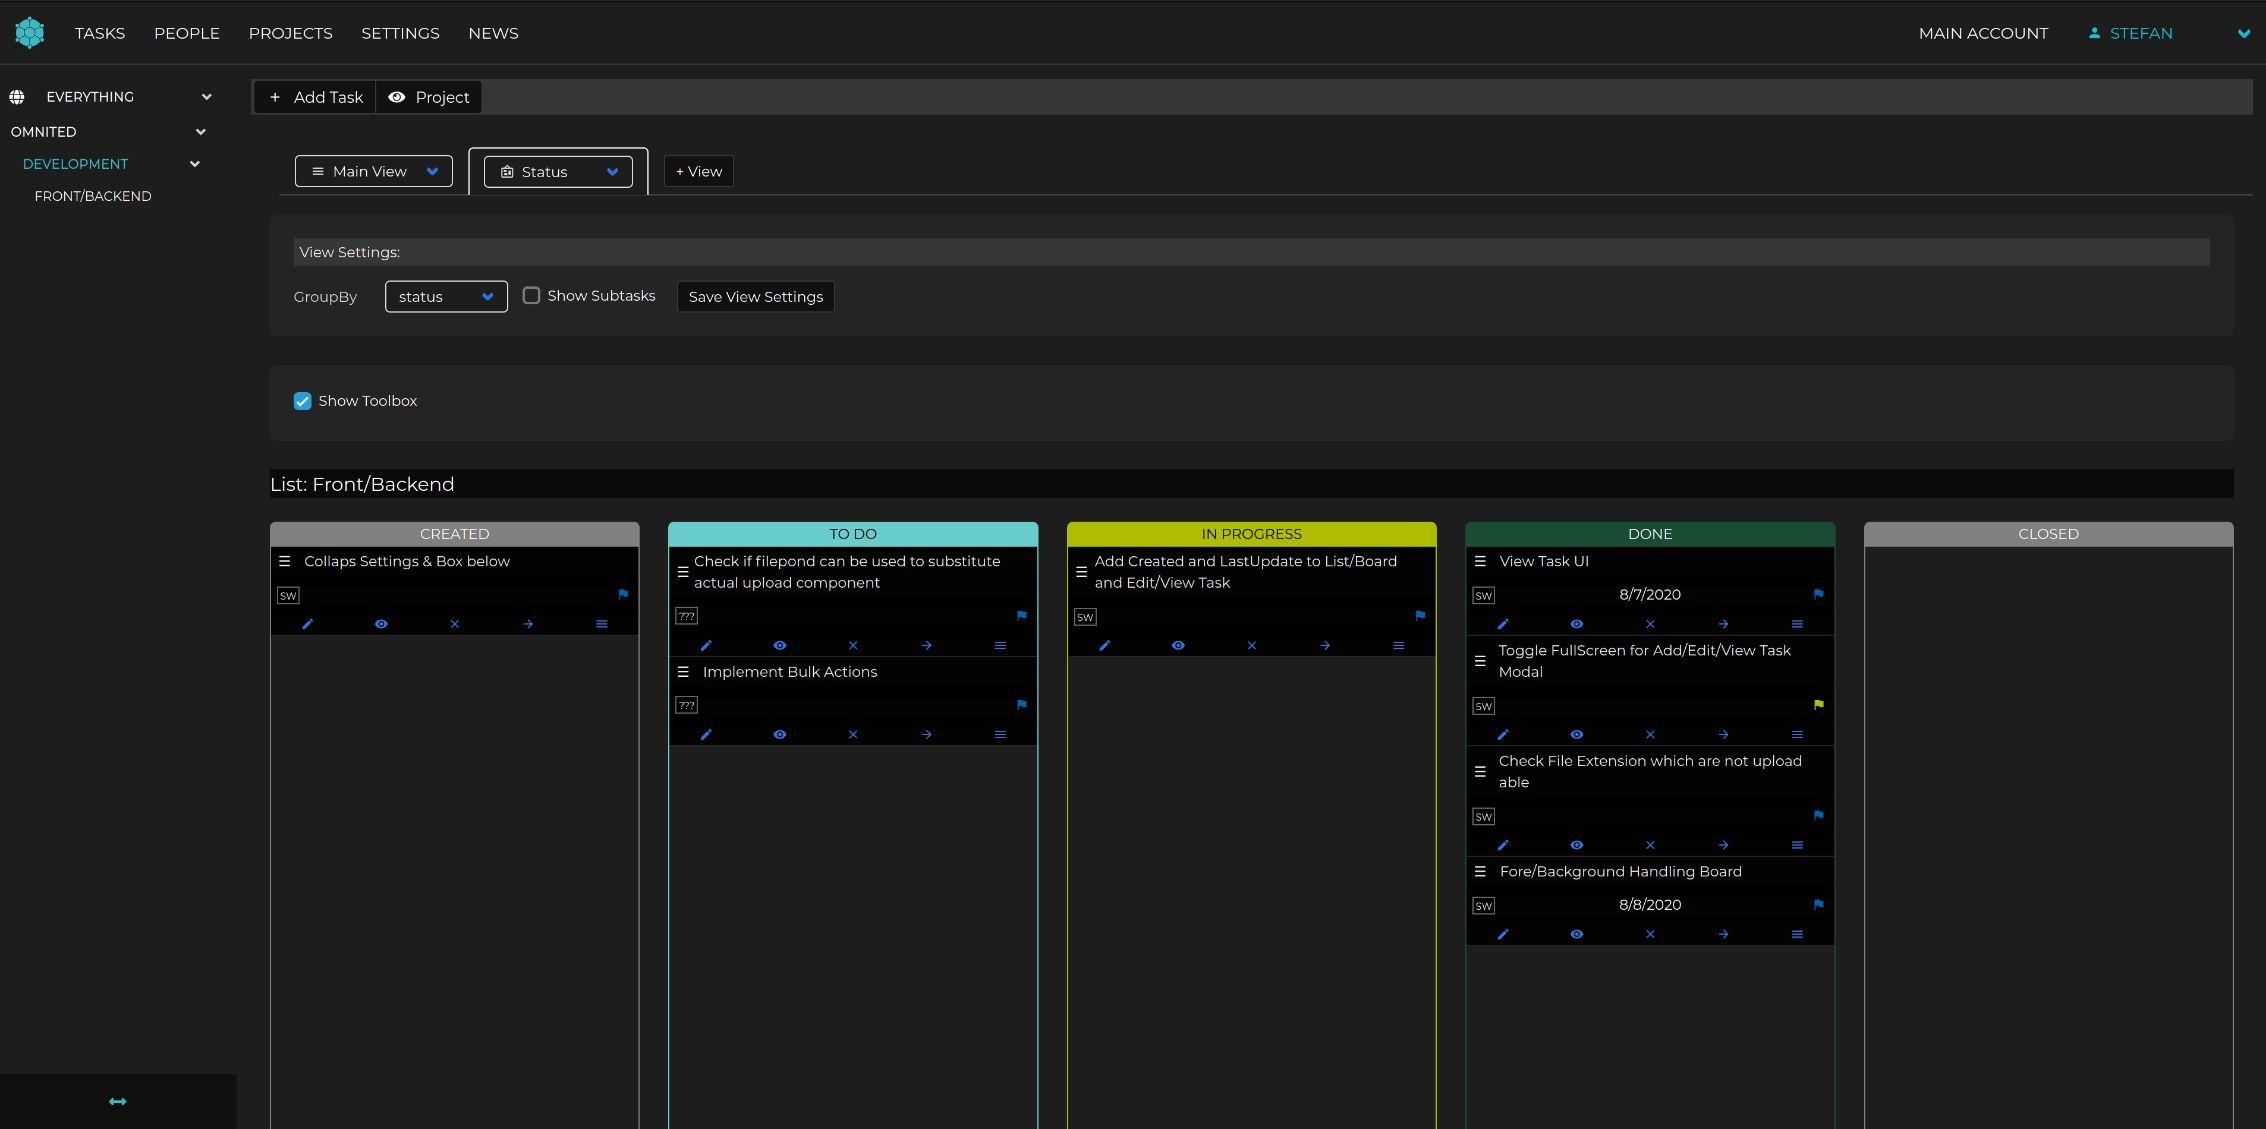 Screenshot from 2020 08 13 06 25 40